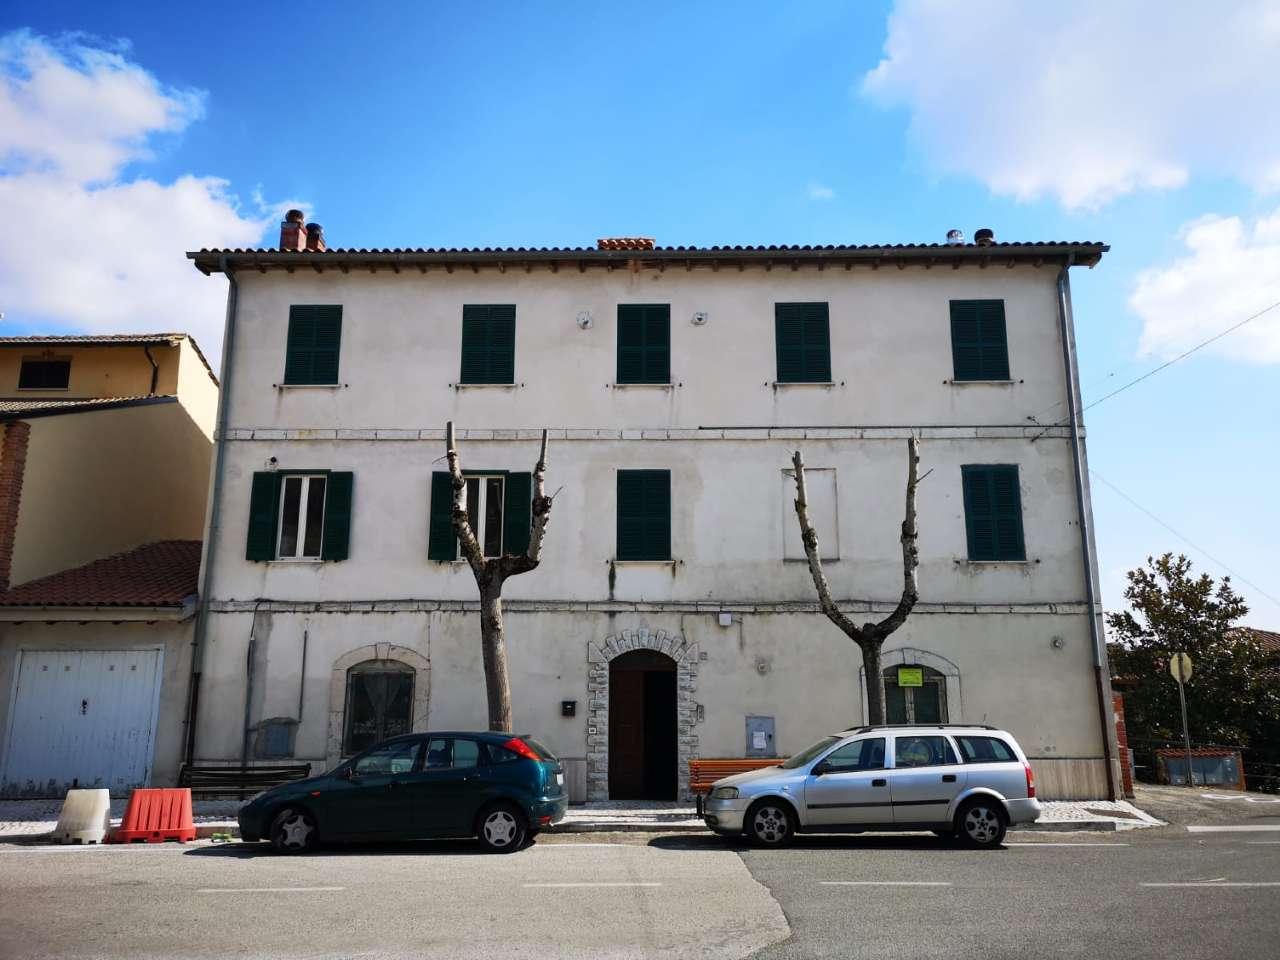 Appartamento in vendita a Orvinio, 2 locali, prezzo € 55.000 | CambioCasa.it